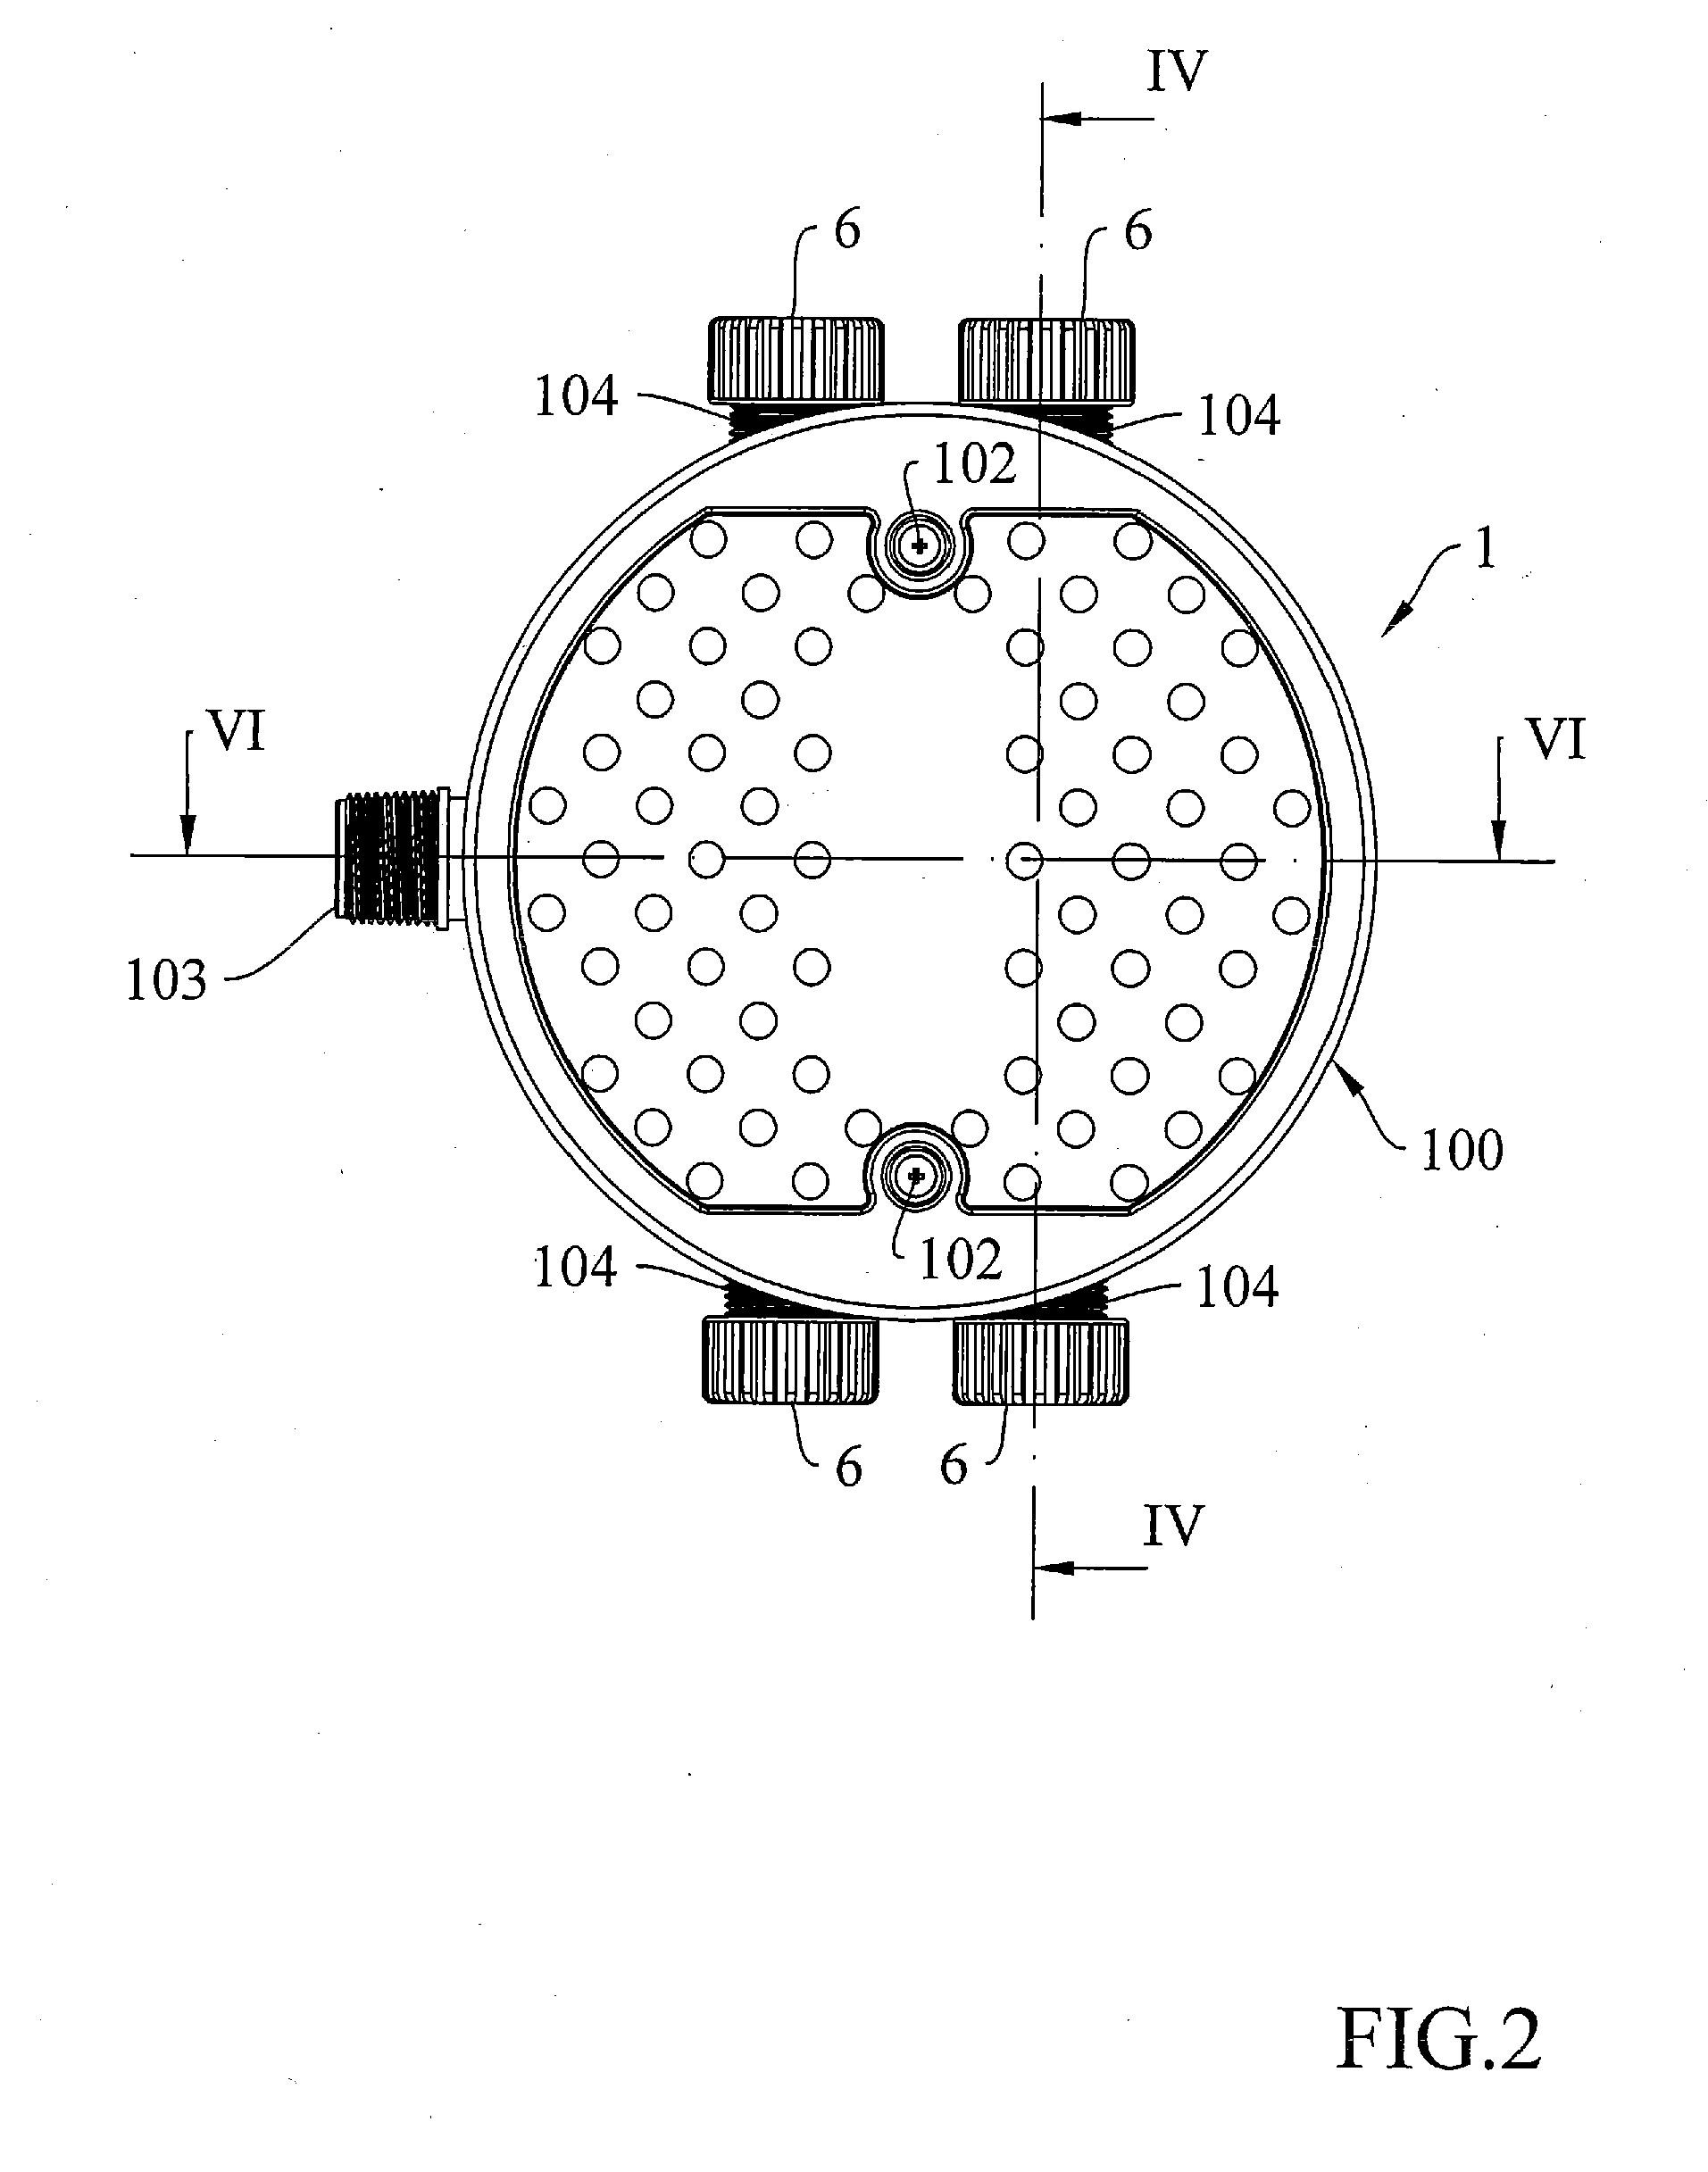 rain bird wiring diagram 1993 toyota corolla alternator orbit sprinkler image